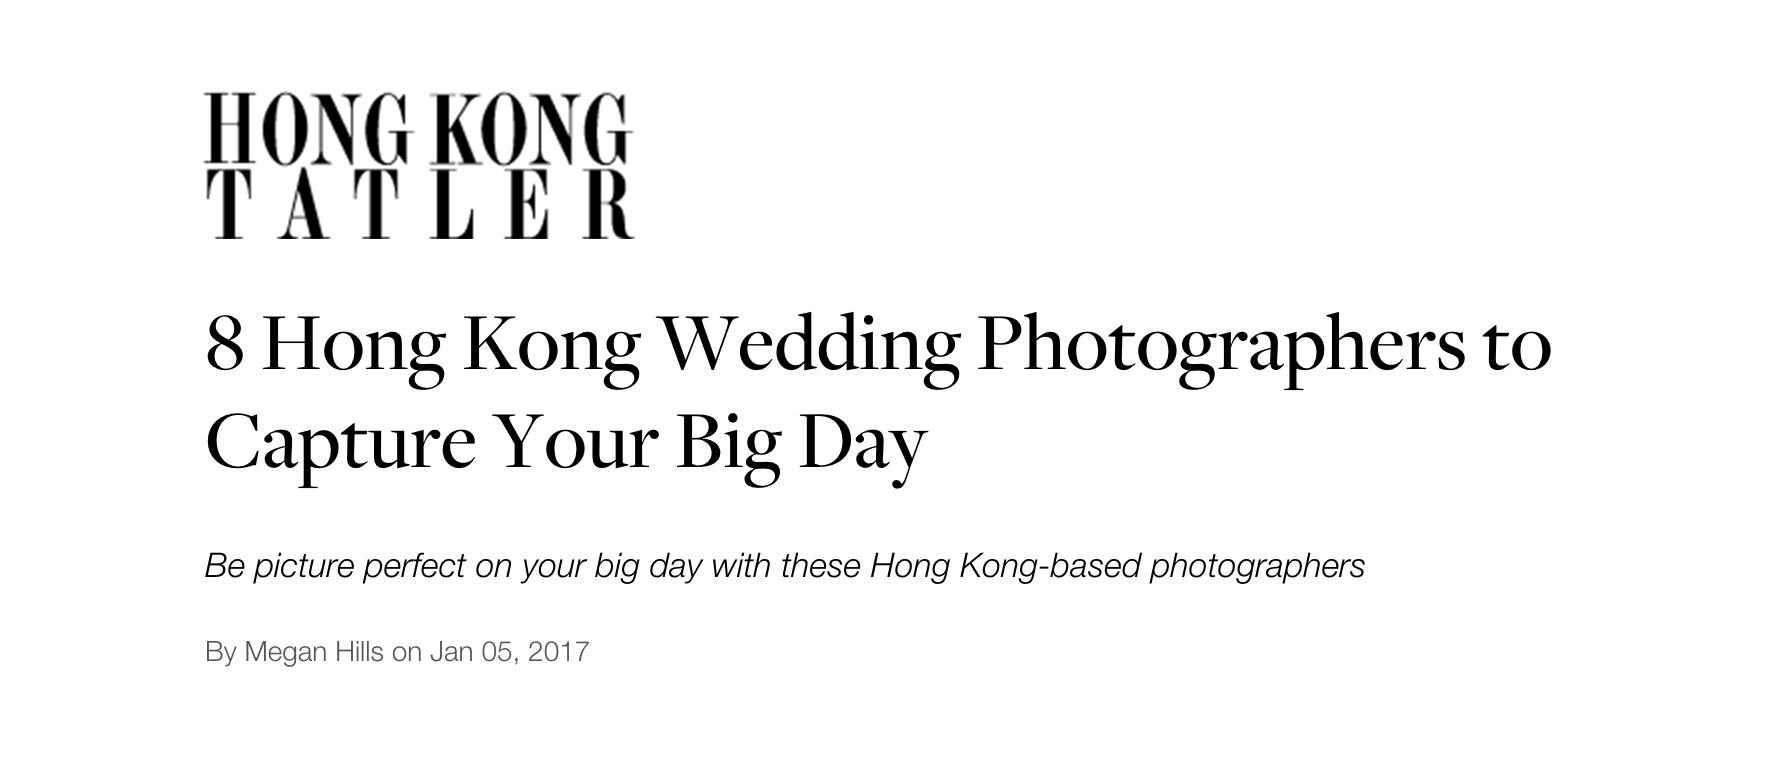 Hong Kong Tatler - JAN 2017 - 8 Hong Kong Wedding Photographers to Capture Your Big Day